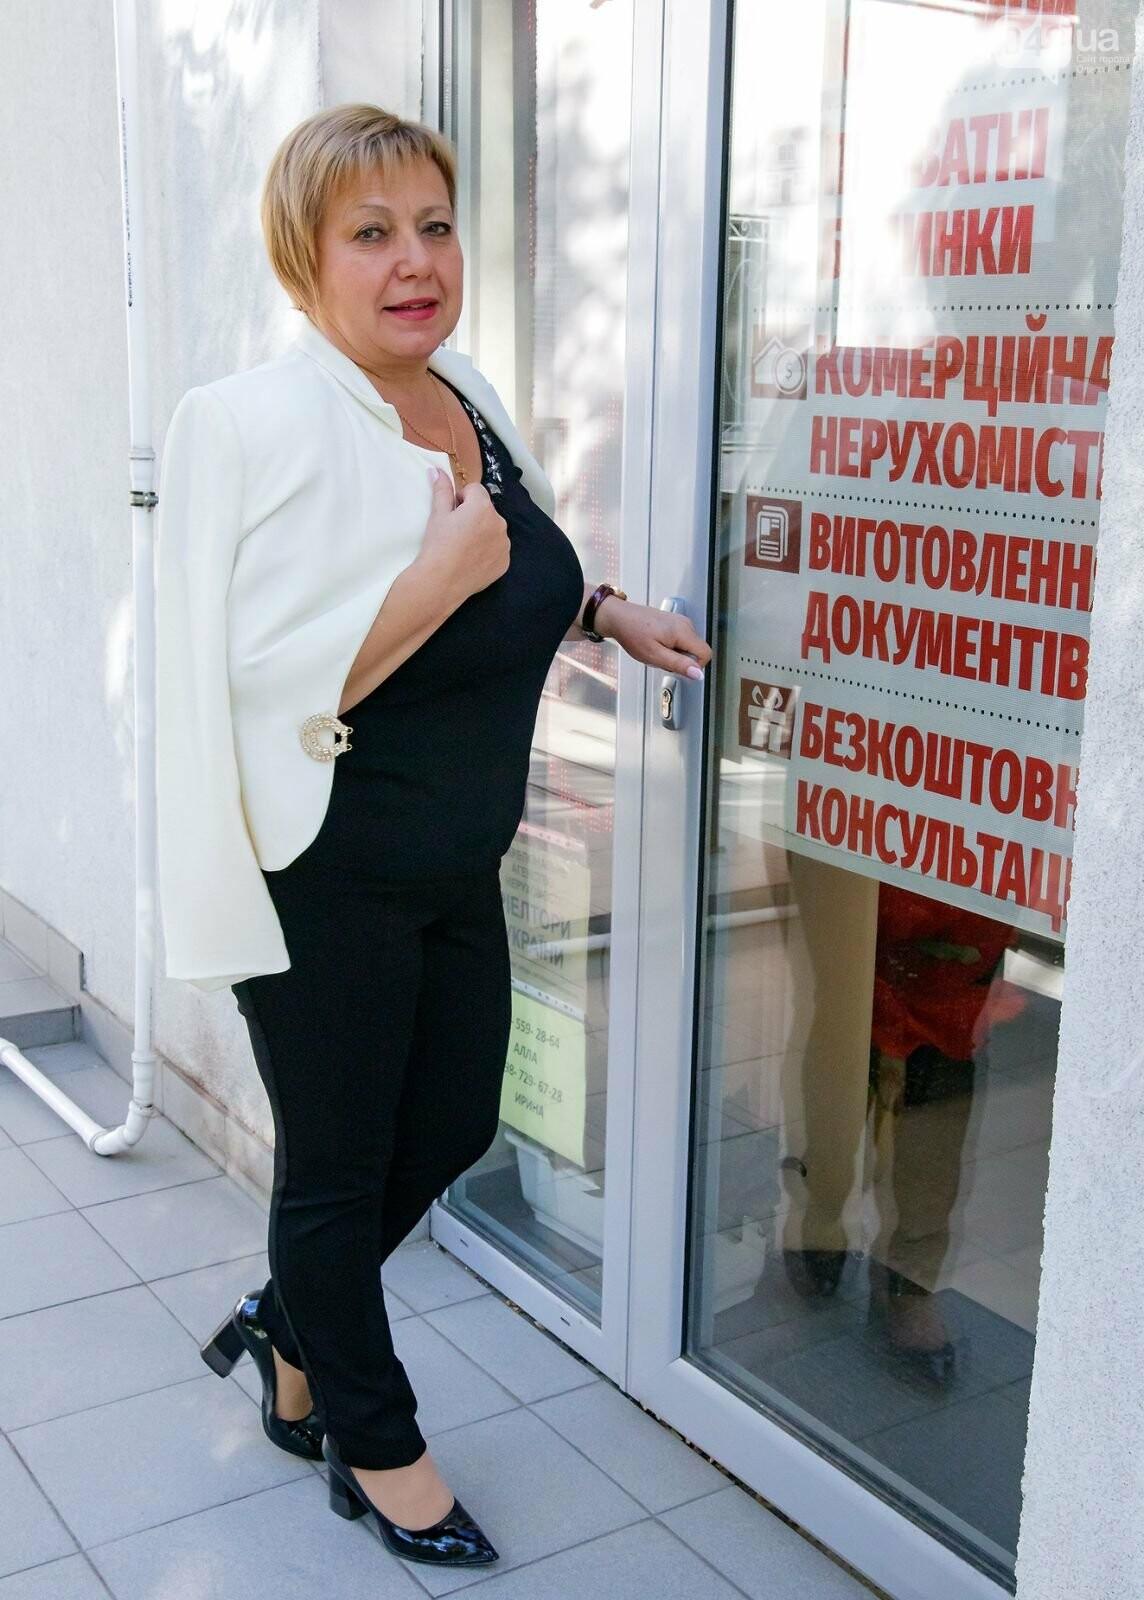 Риэлторы Одессы, купить квартиру по выгодным предложениям, фото-52